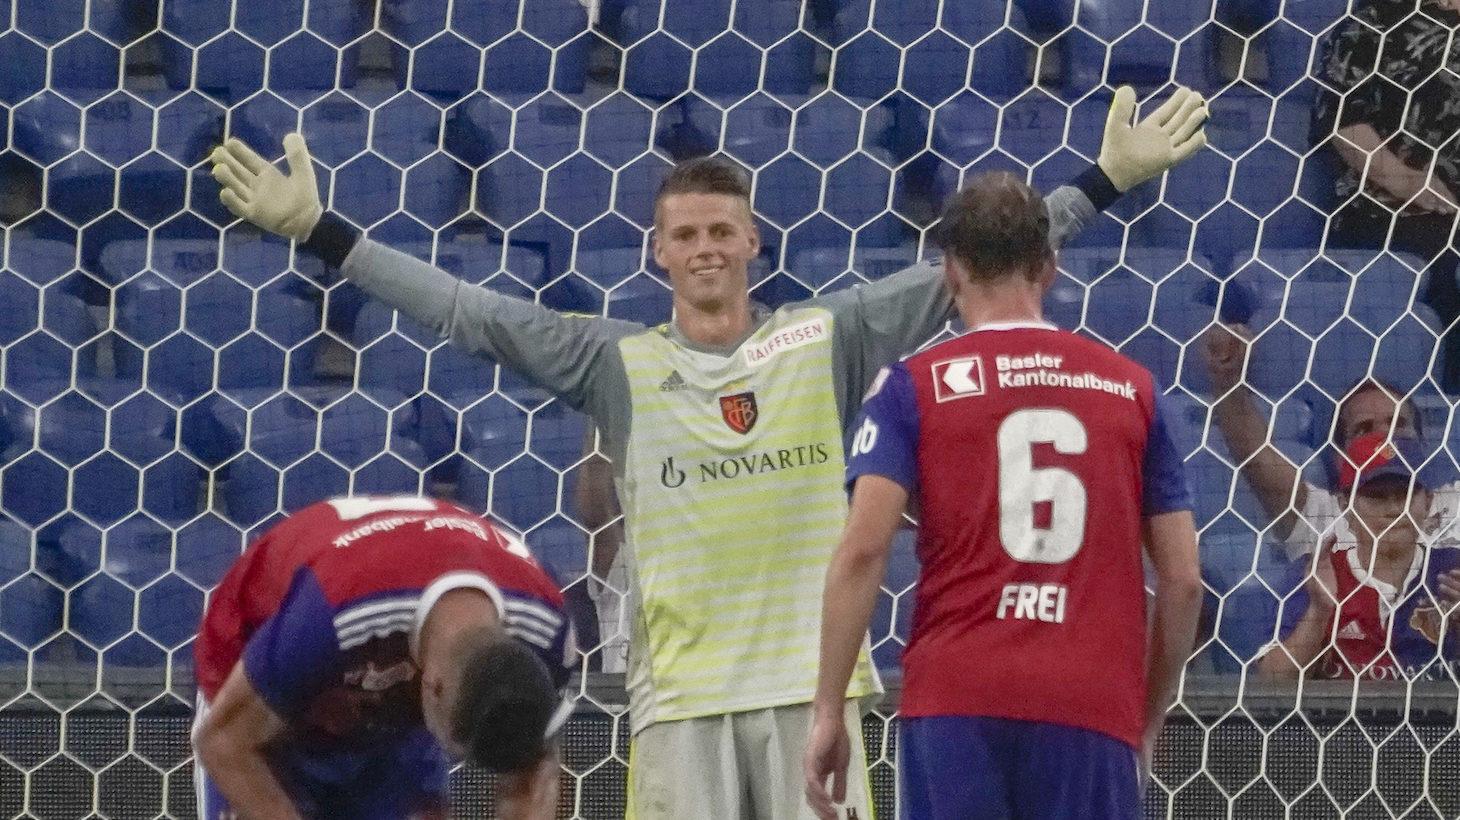 04.08.2018; Basel; FUSSBALL SUPER LEAGUE; FC Basel - Grasshopper Club Zuerich; Torhueter Jonas Omlin (Basel) jubelt nach Spi